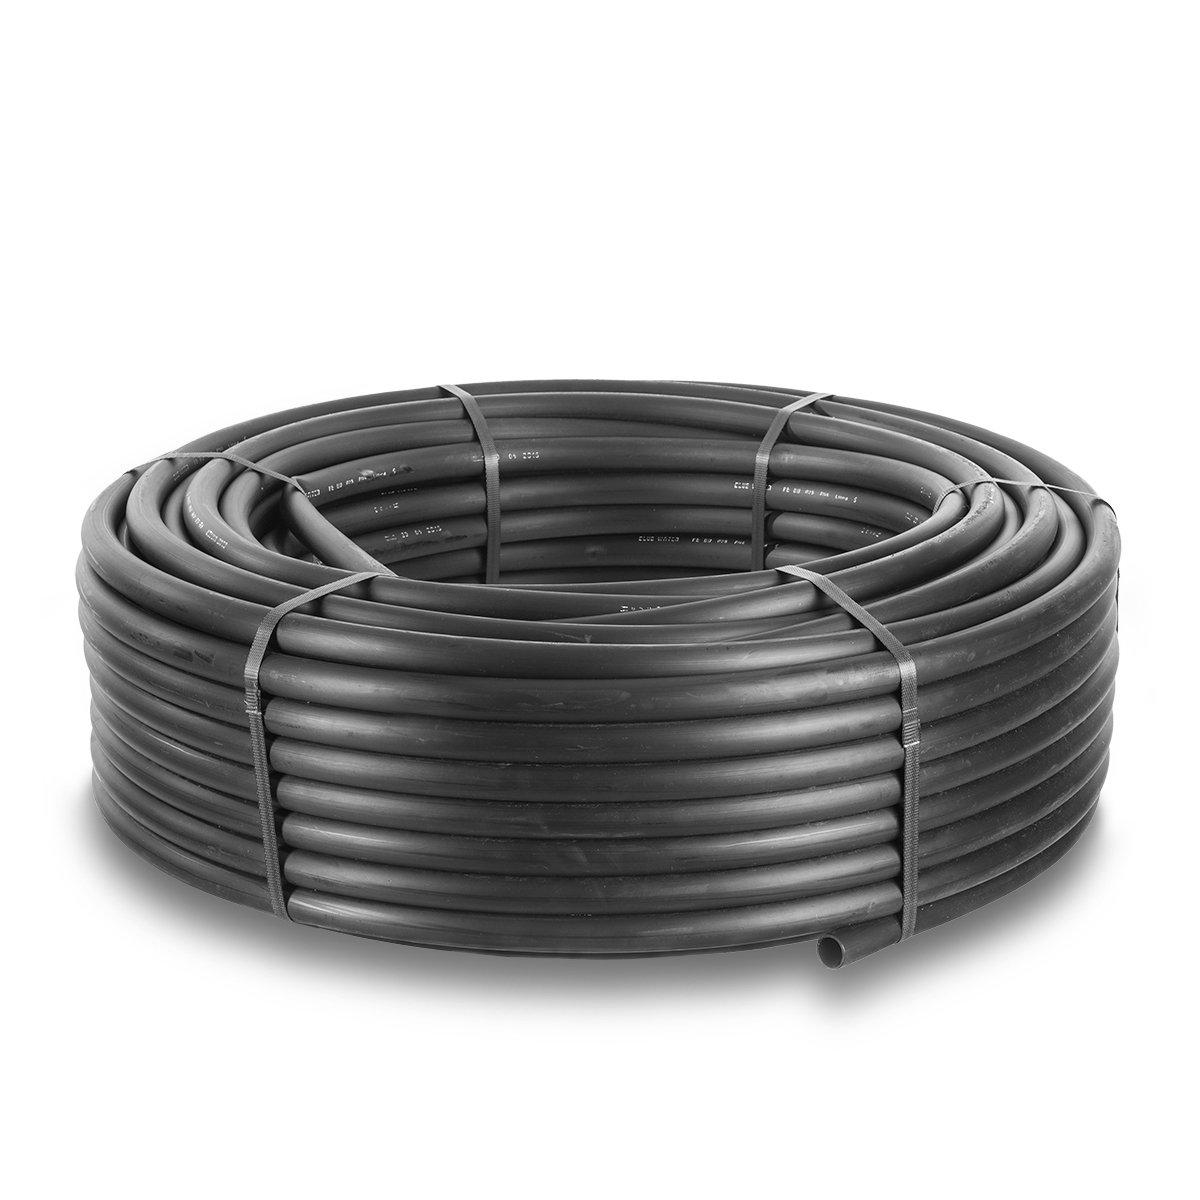 100m PE Rohr 32mm x 1,9mm Verlegrohr Druckrohr für Brauchwasser PN4